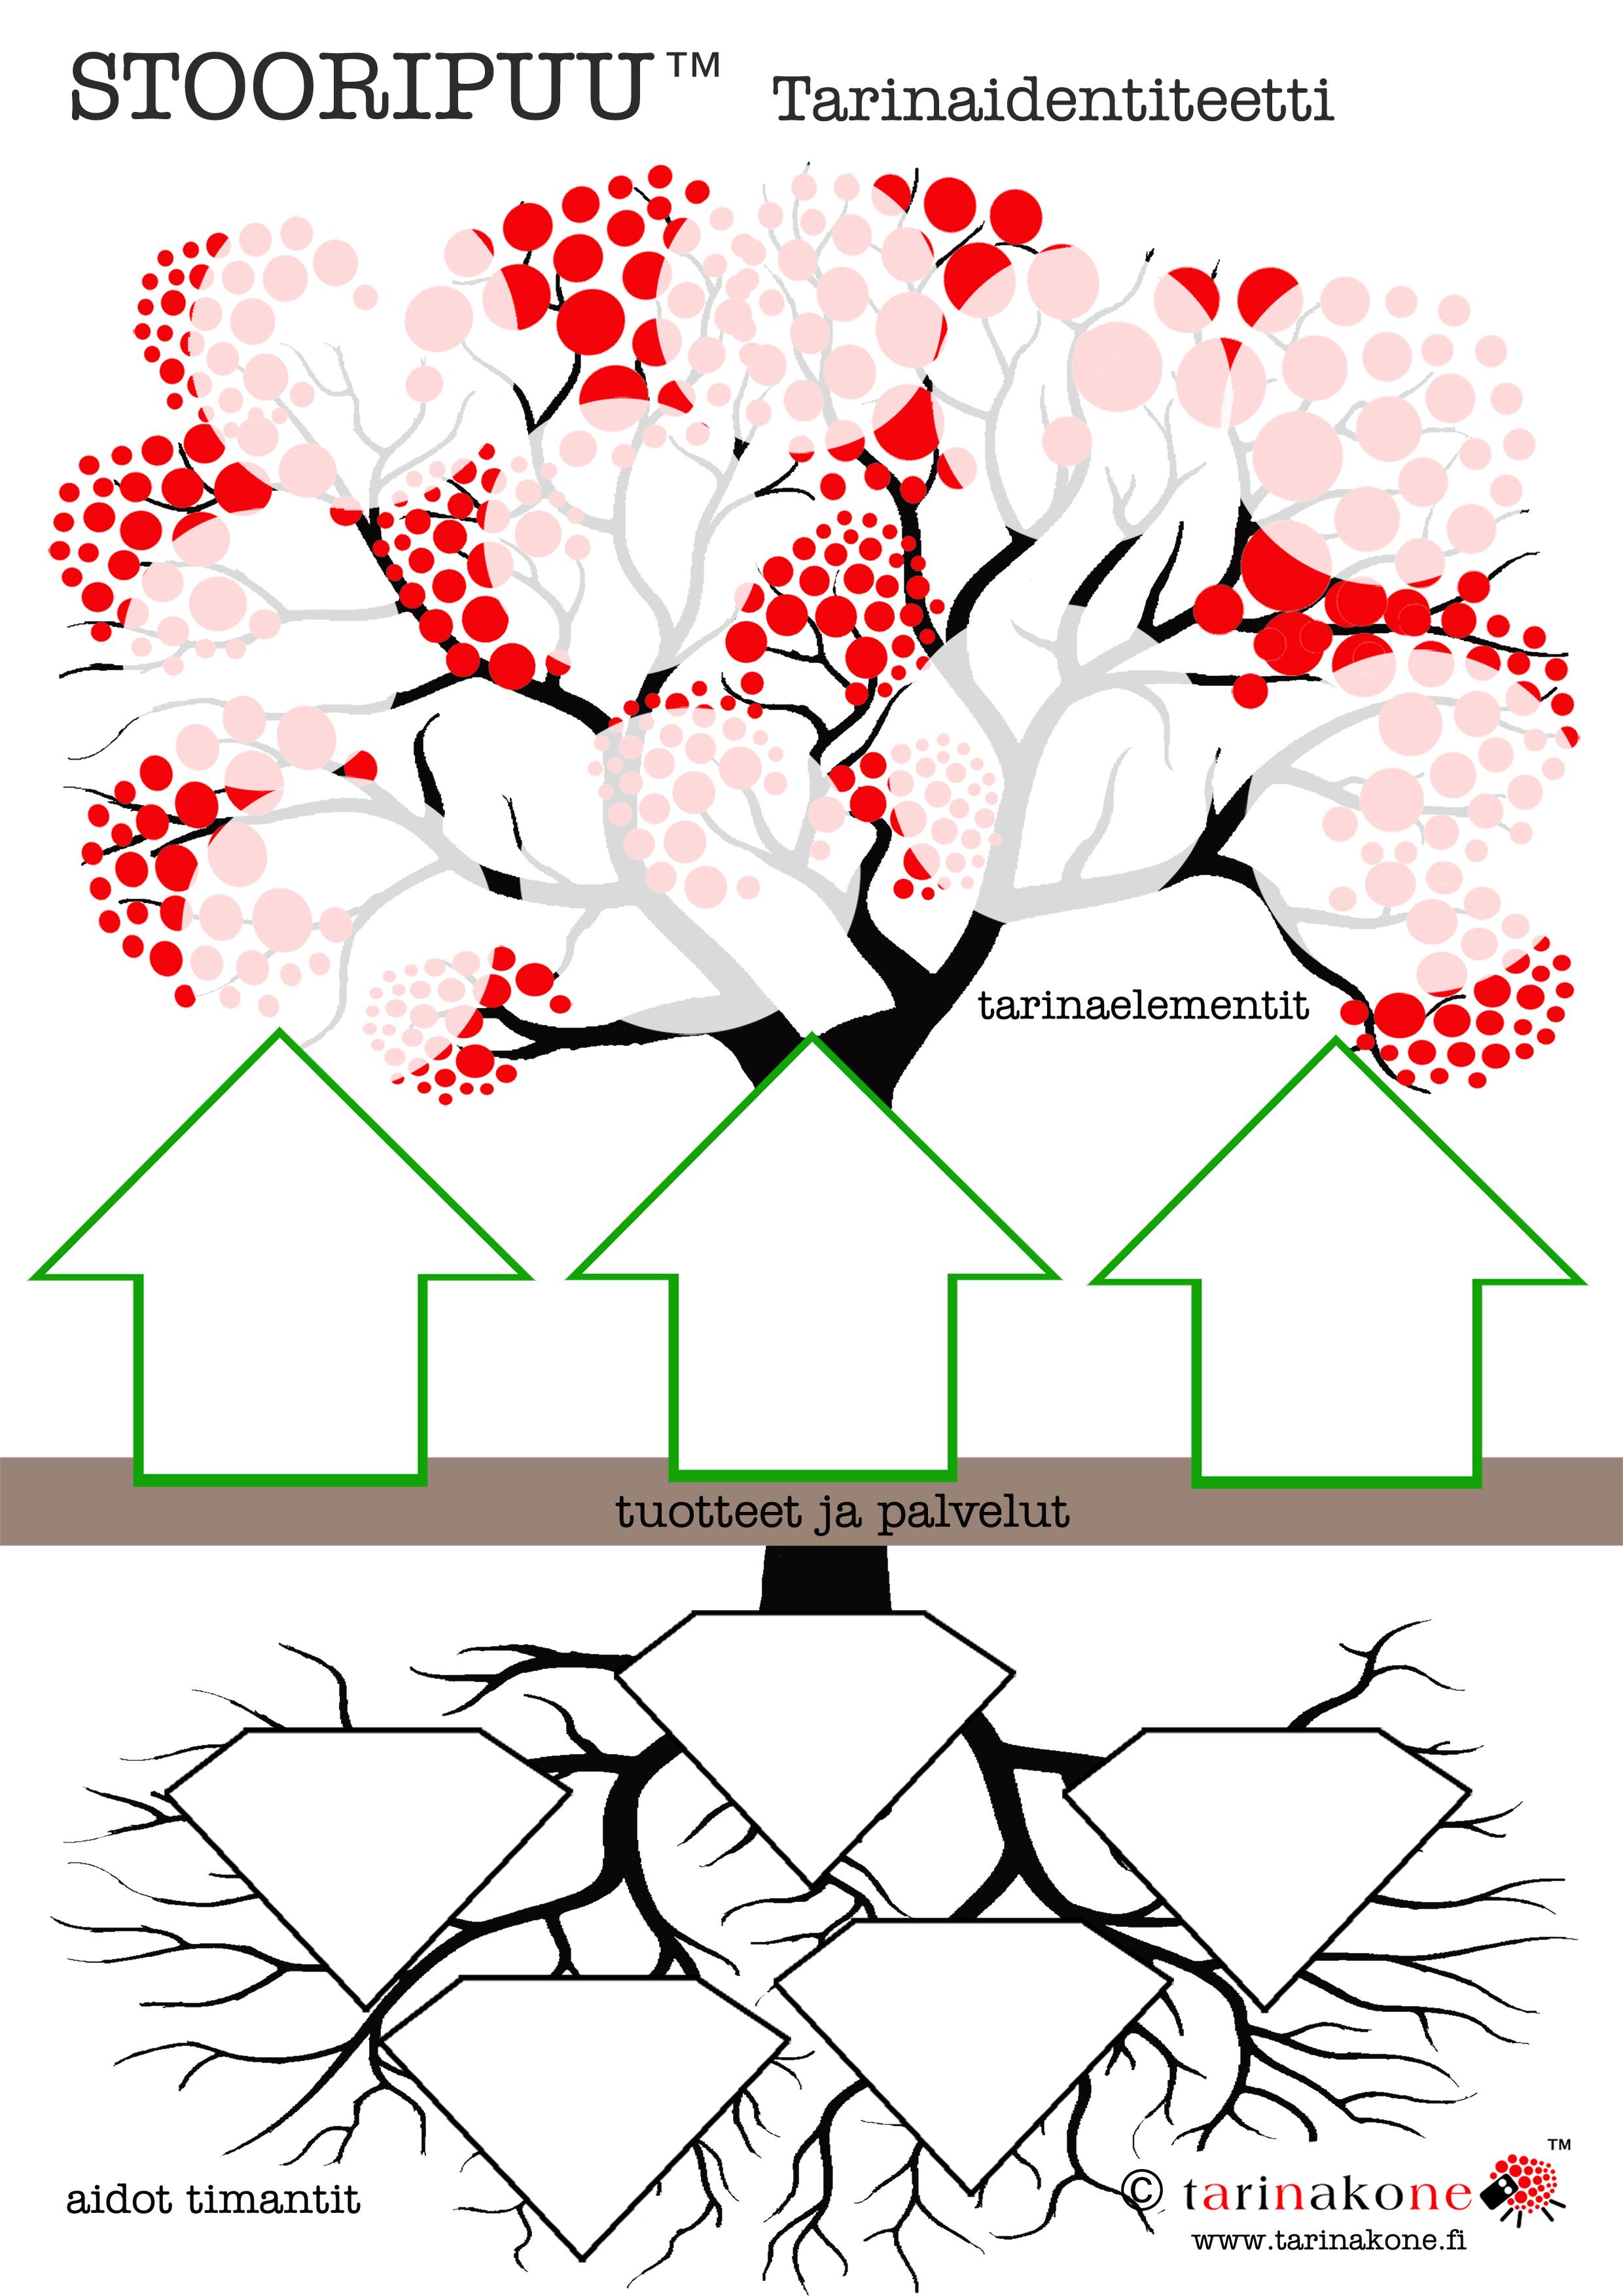 Kuvahaun tulos haulle stooripuu